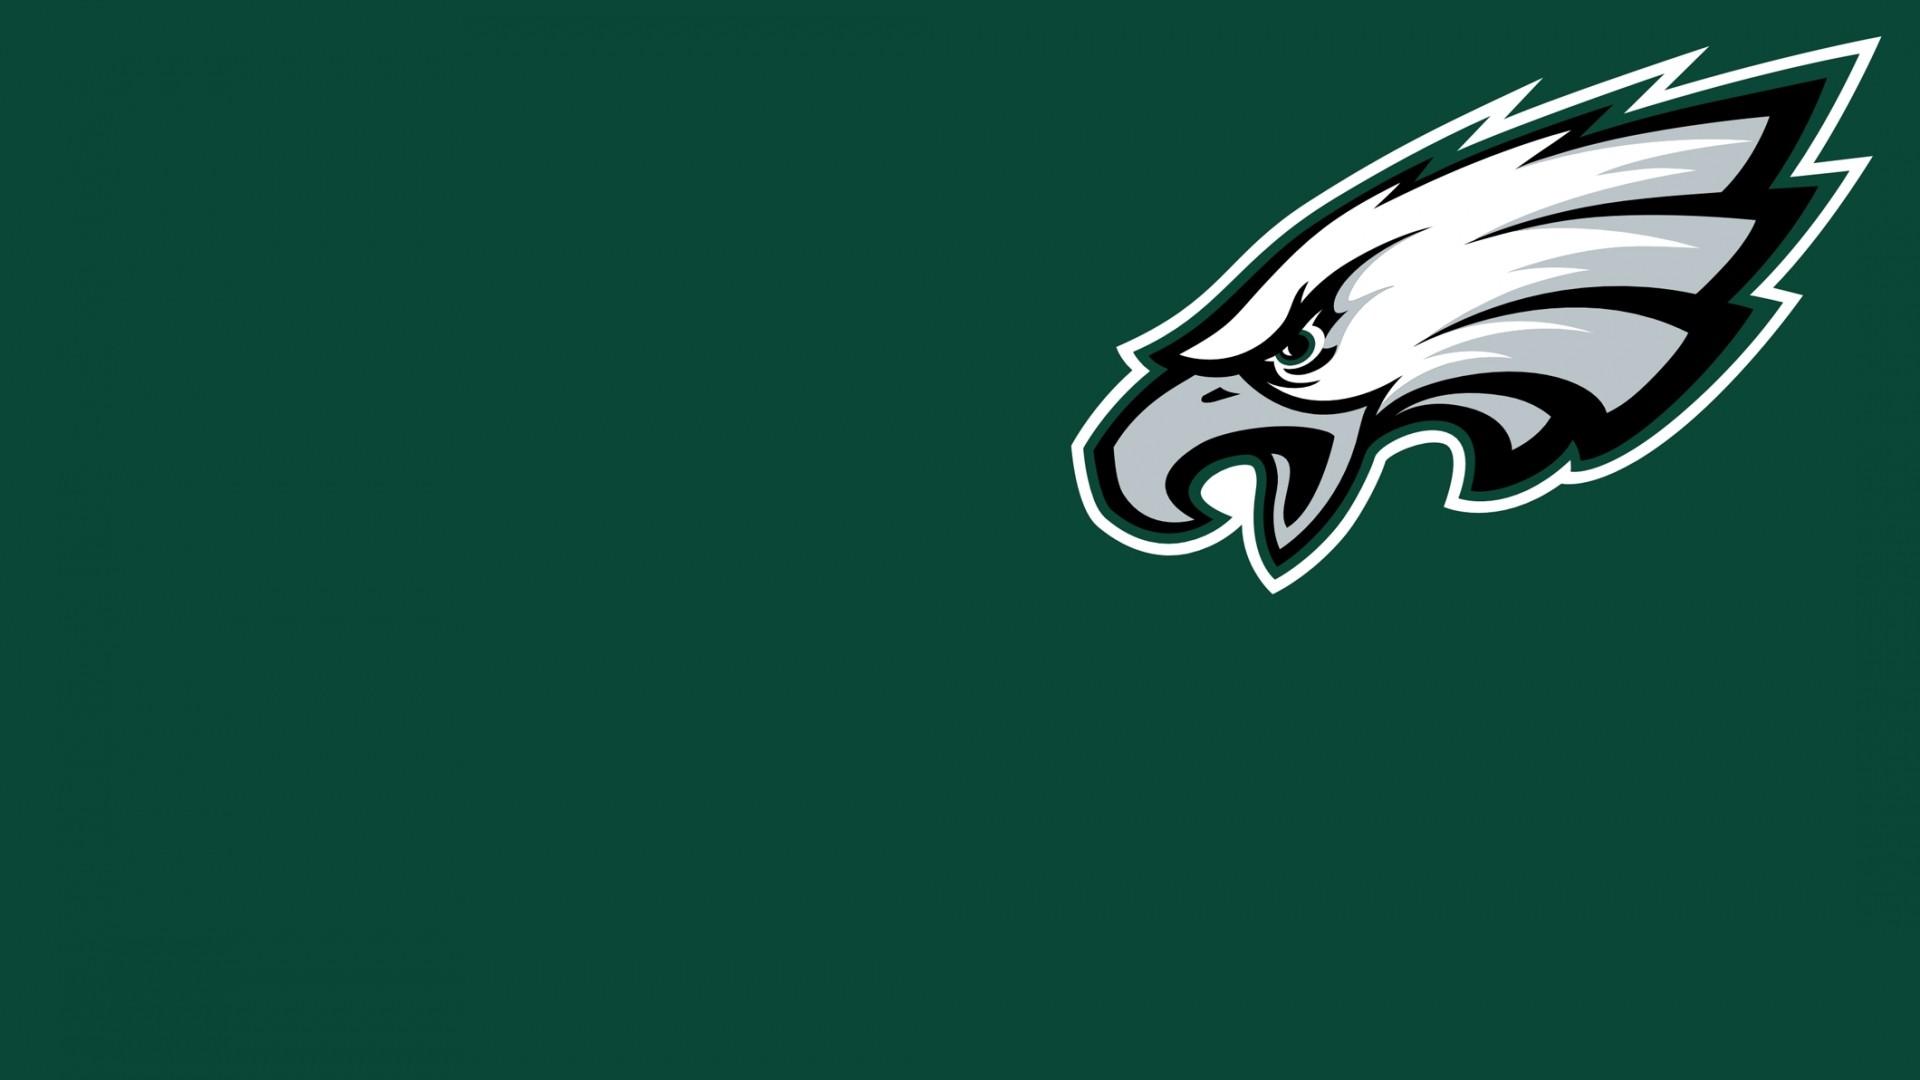 Philadelphia Eagles Wallpaper image hd